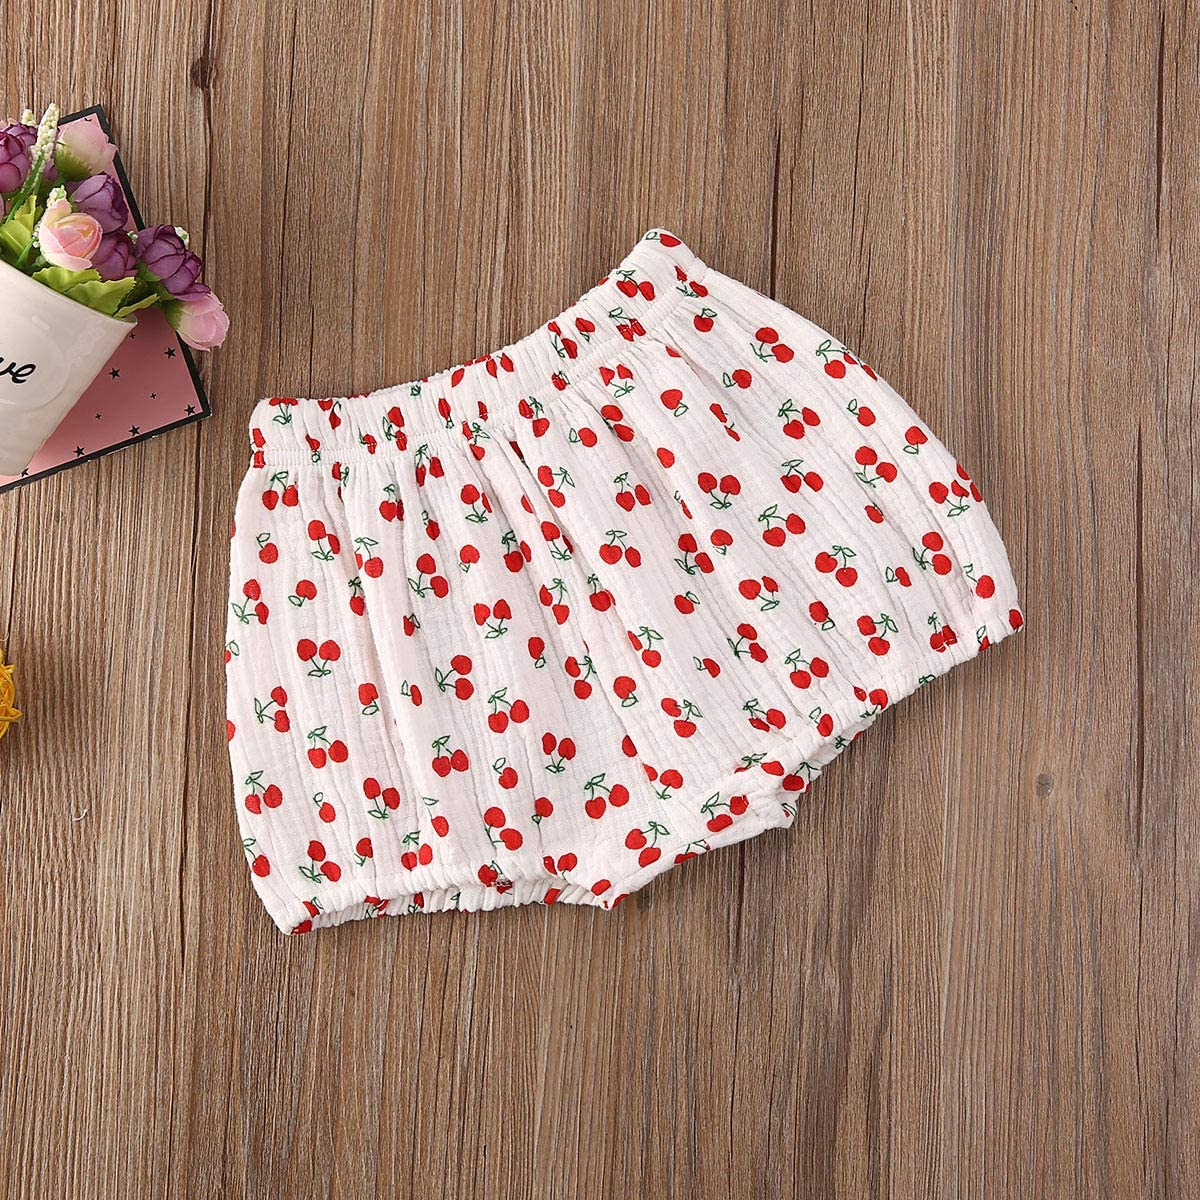 Mubineo Toddler Baby Girl Boy Basic Plain Crushed Velvet Bloomers Shorts Loose Harem Shorts